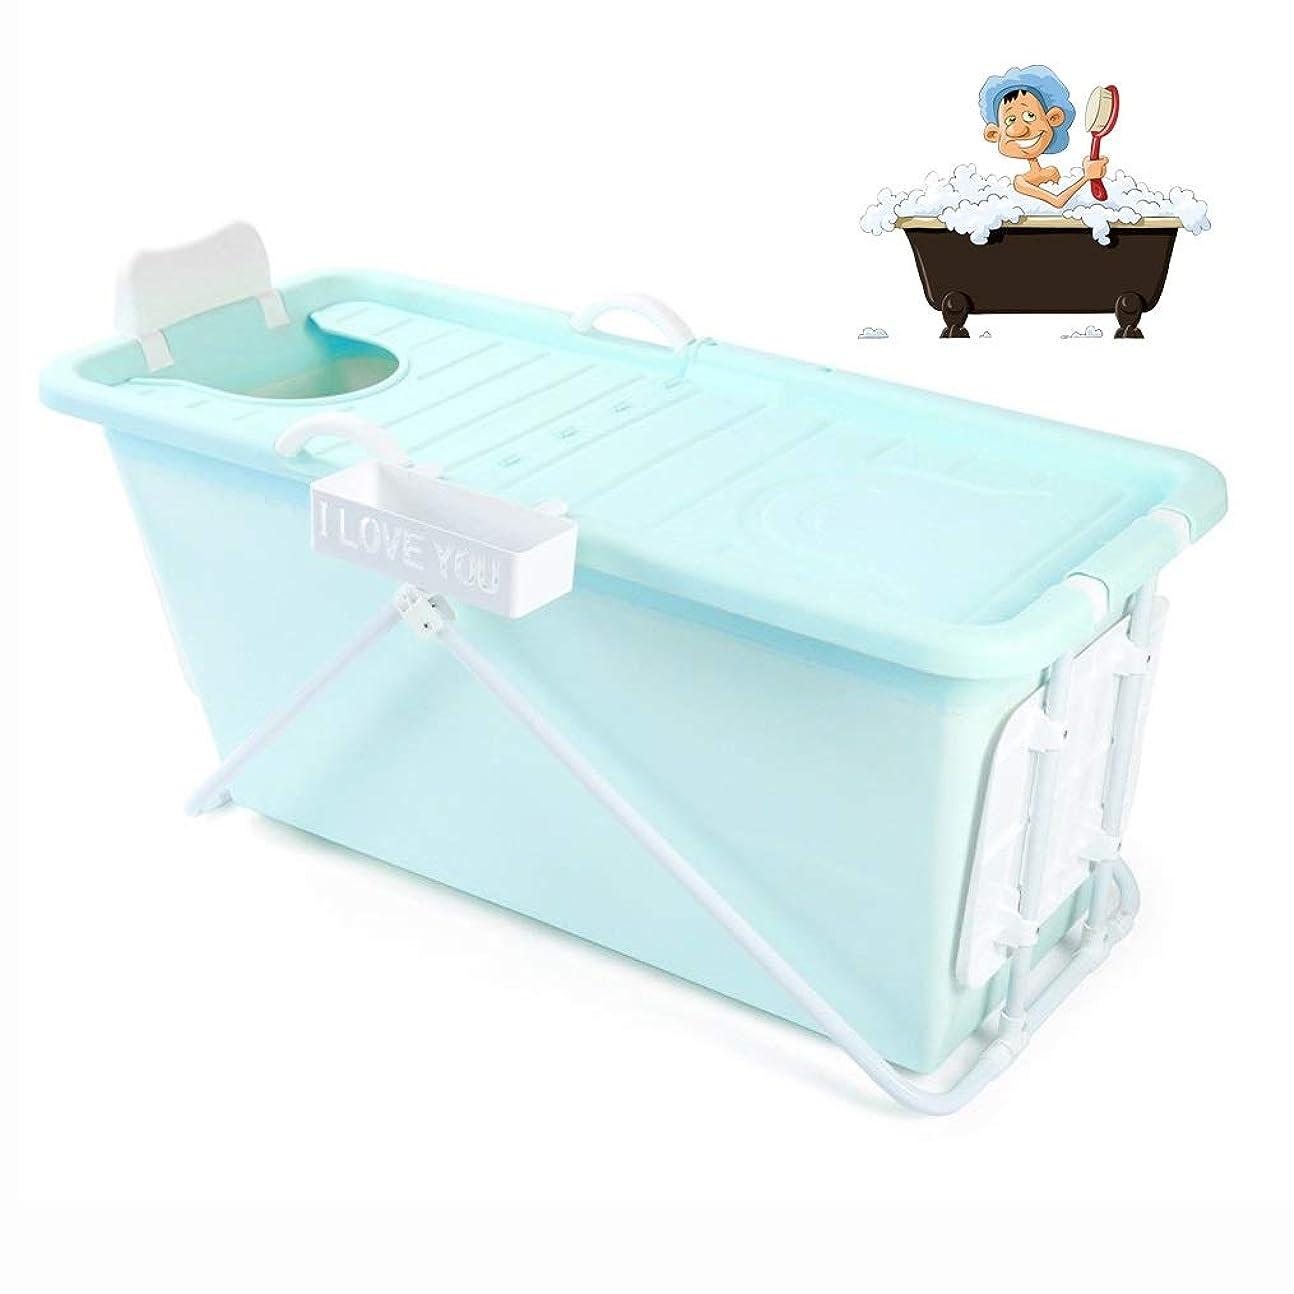 雪だるま重要性笑折りたたみバスタブ GYF 子供用ポータブル折りたたみ式浴槽プール大人用/高齢者用の大型の自立型コーナーバスタブバスバケツスパニング、カバー付きの長い断熱時間 2色折りたたみバスタブ (Color : Blue)